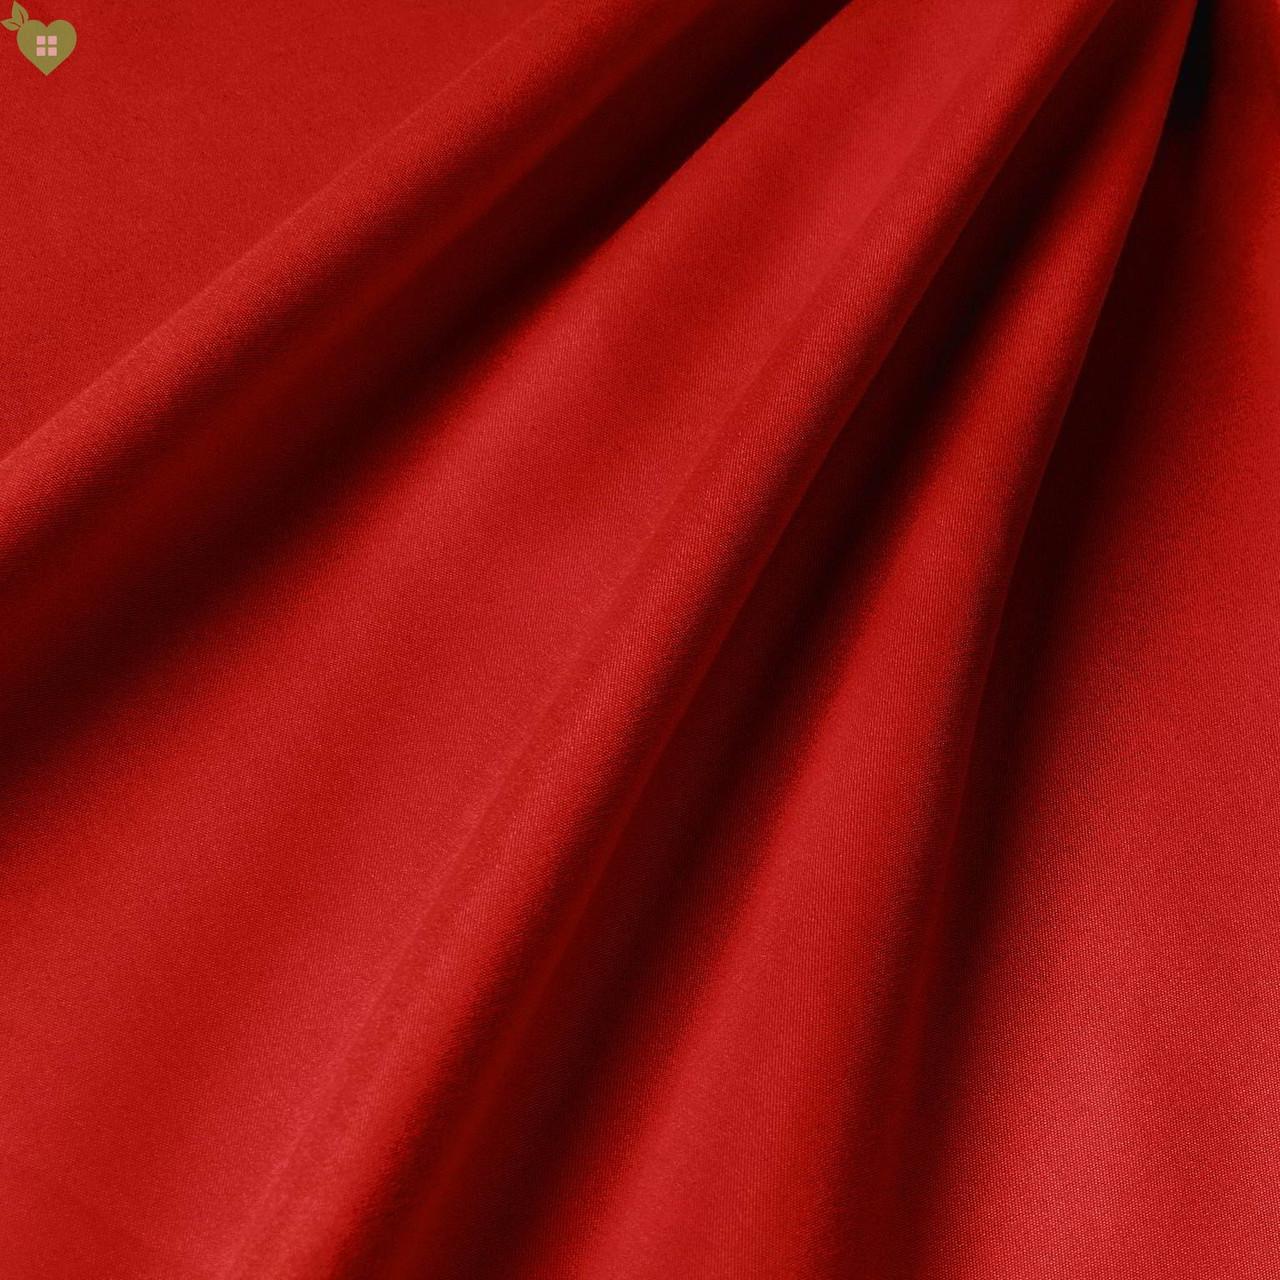 Подкладочная ткань персиковая фактура люминисцентно-красная Испания 83314v17